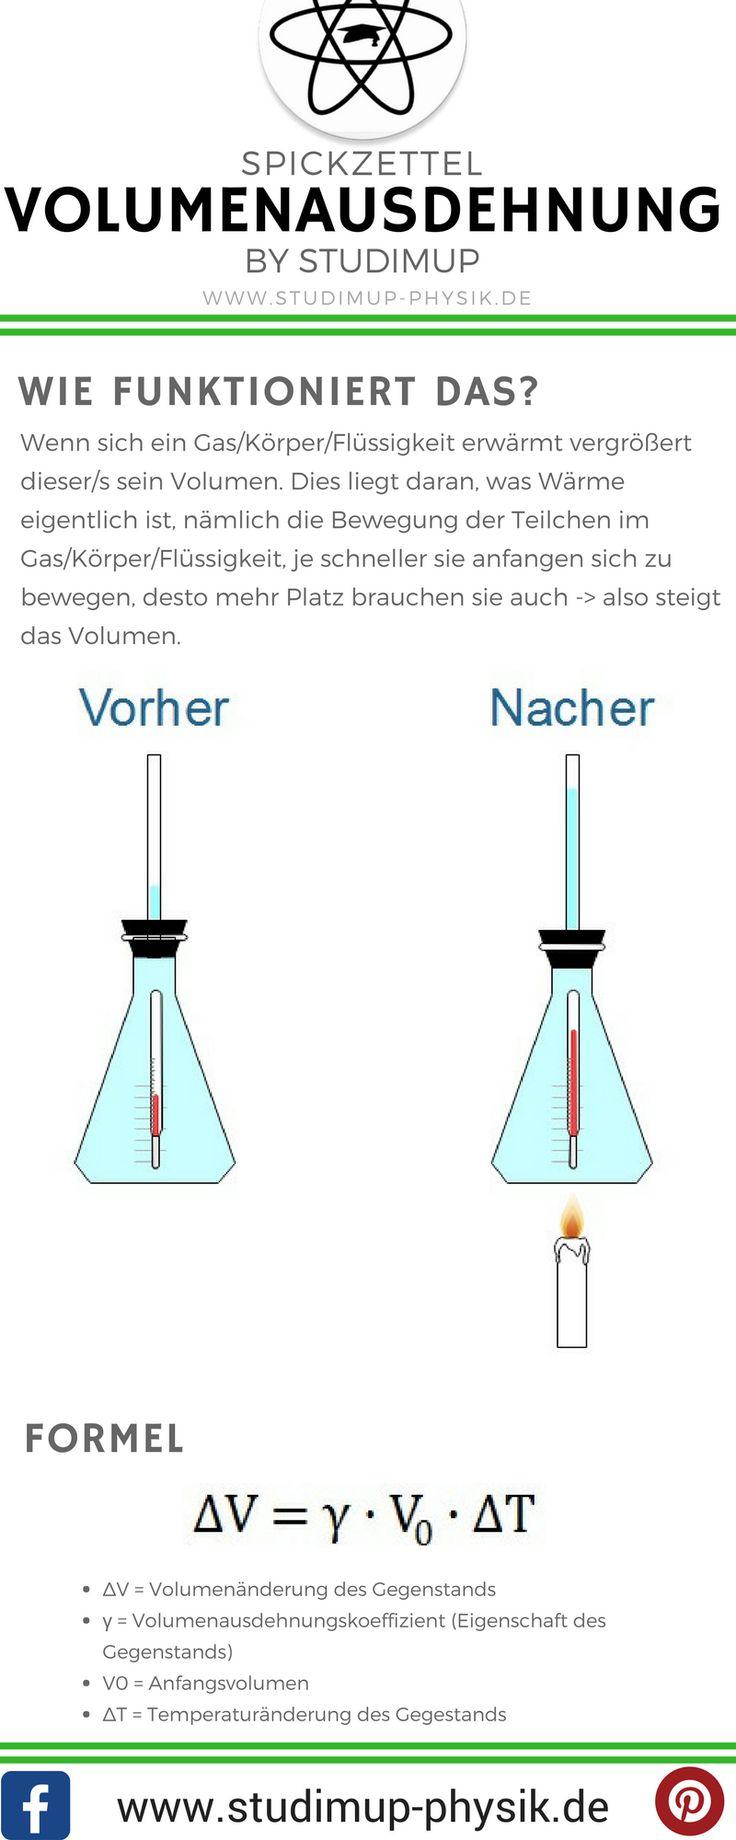 Spickzettel zur Volumenausdehnung in der Physik, genauer in der Wärmelehre. Einfach lernen mit Studimup. – Milan Tewes